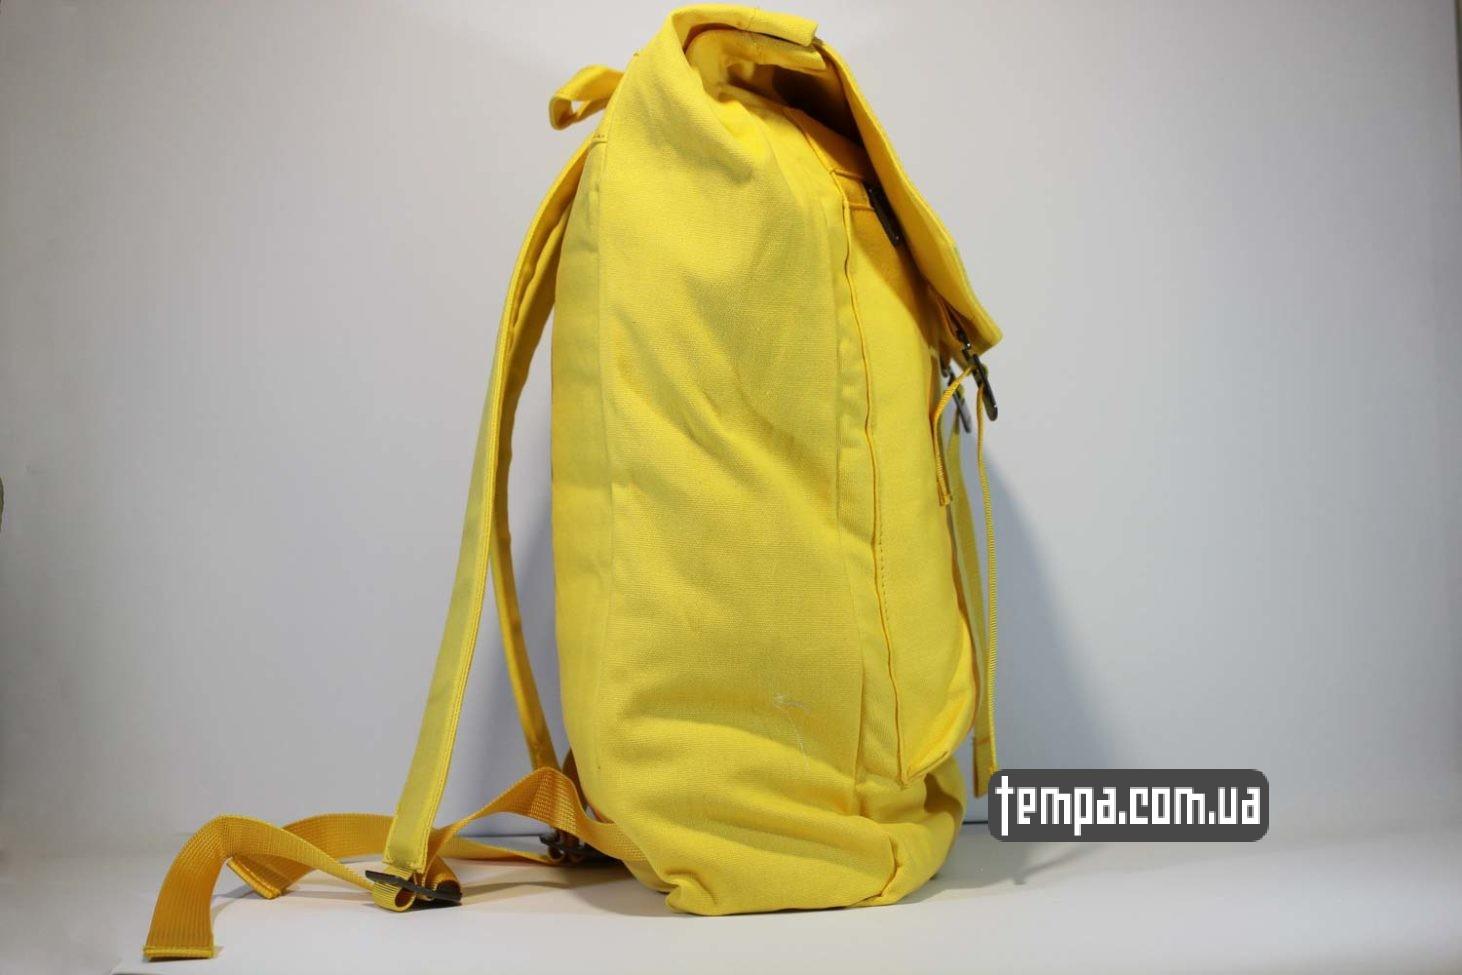 Украина магазин рюкзак сумка FOLDSACK NO.1 fjallraven kanken желтый